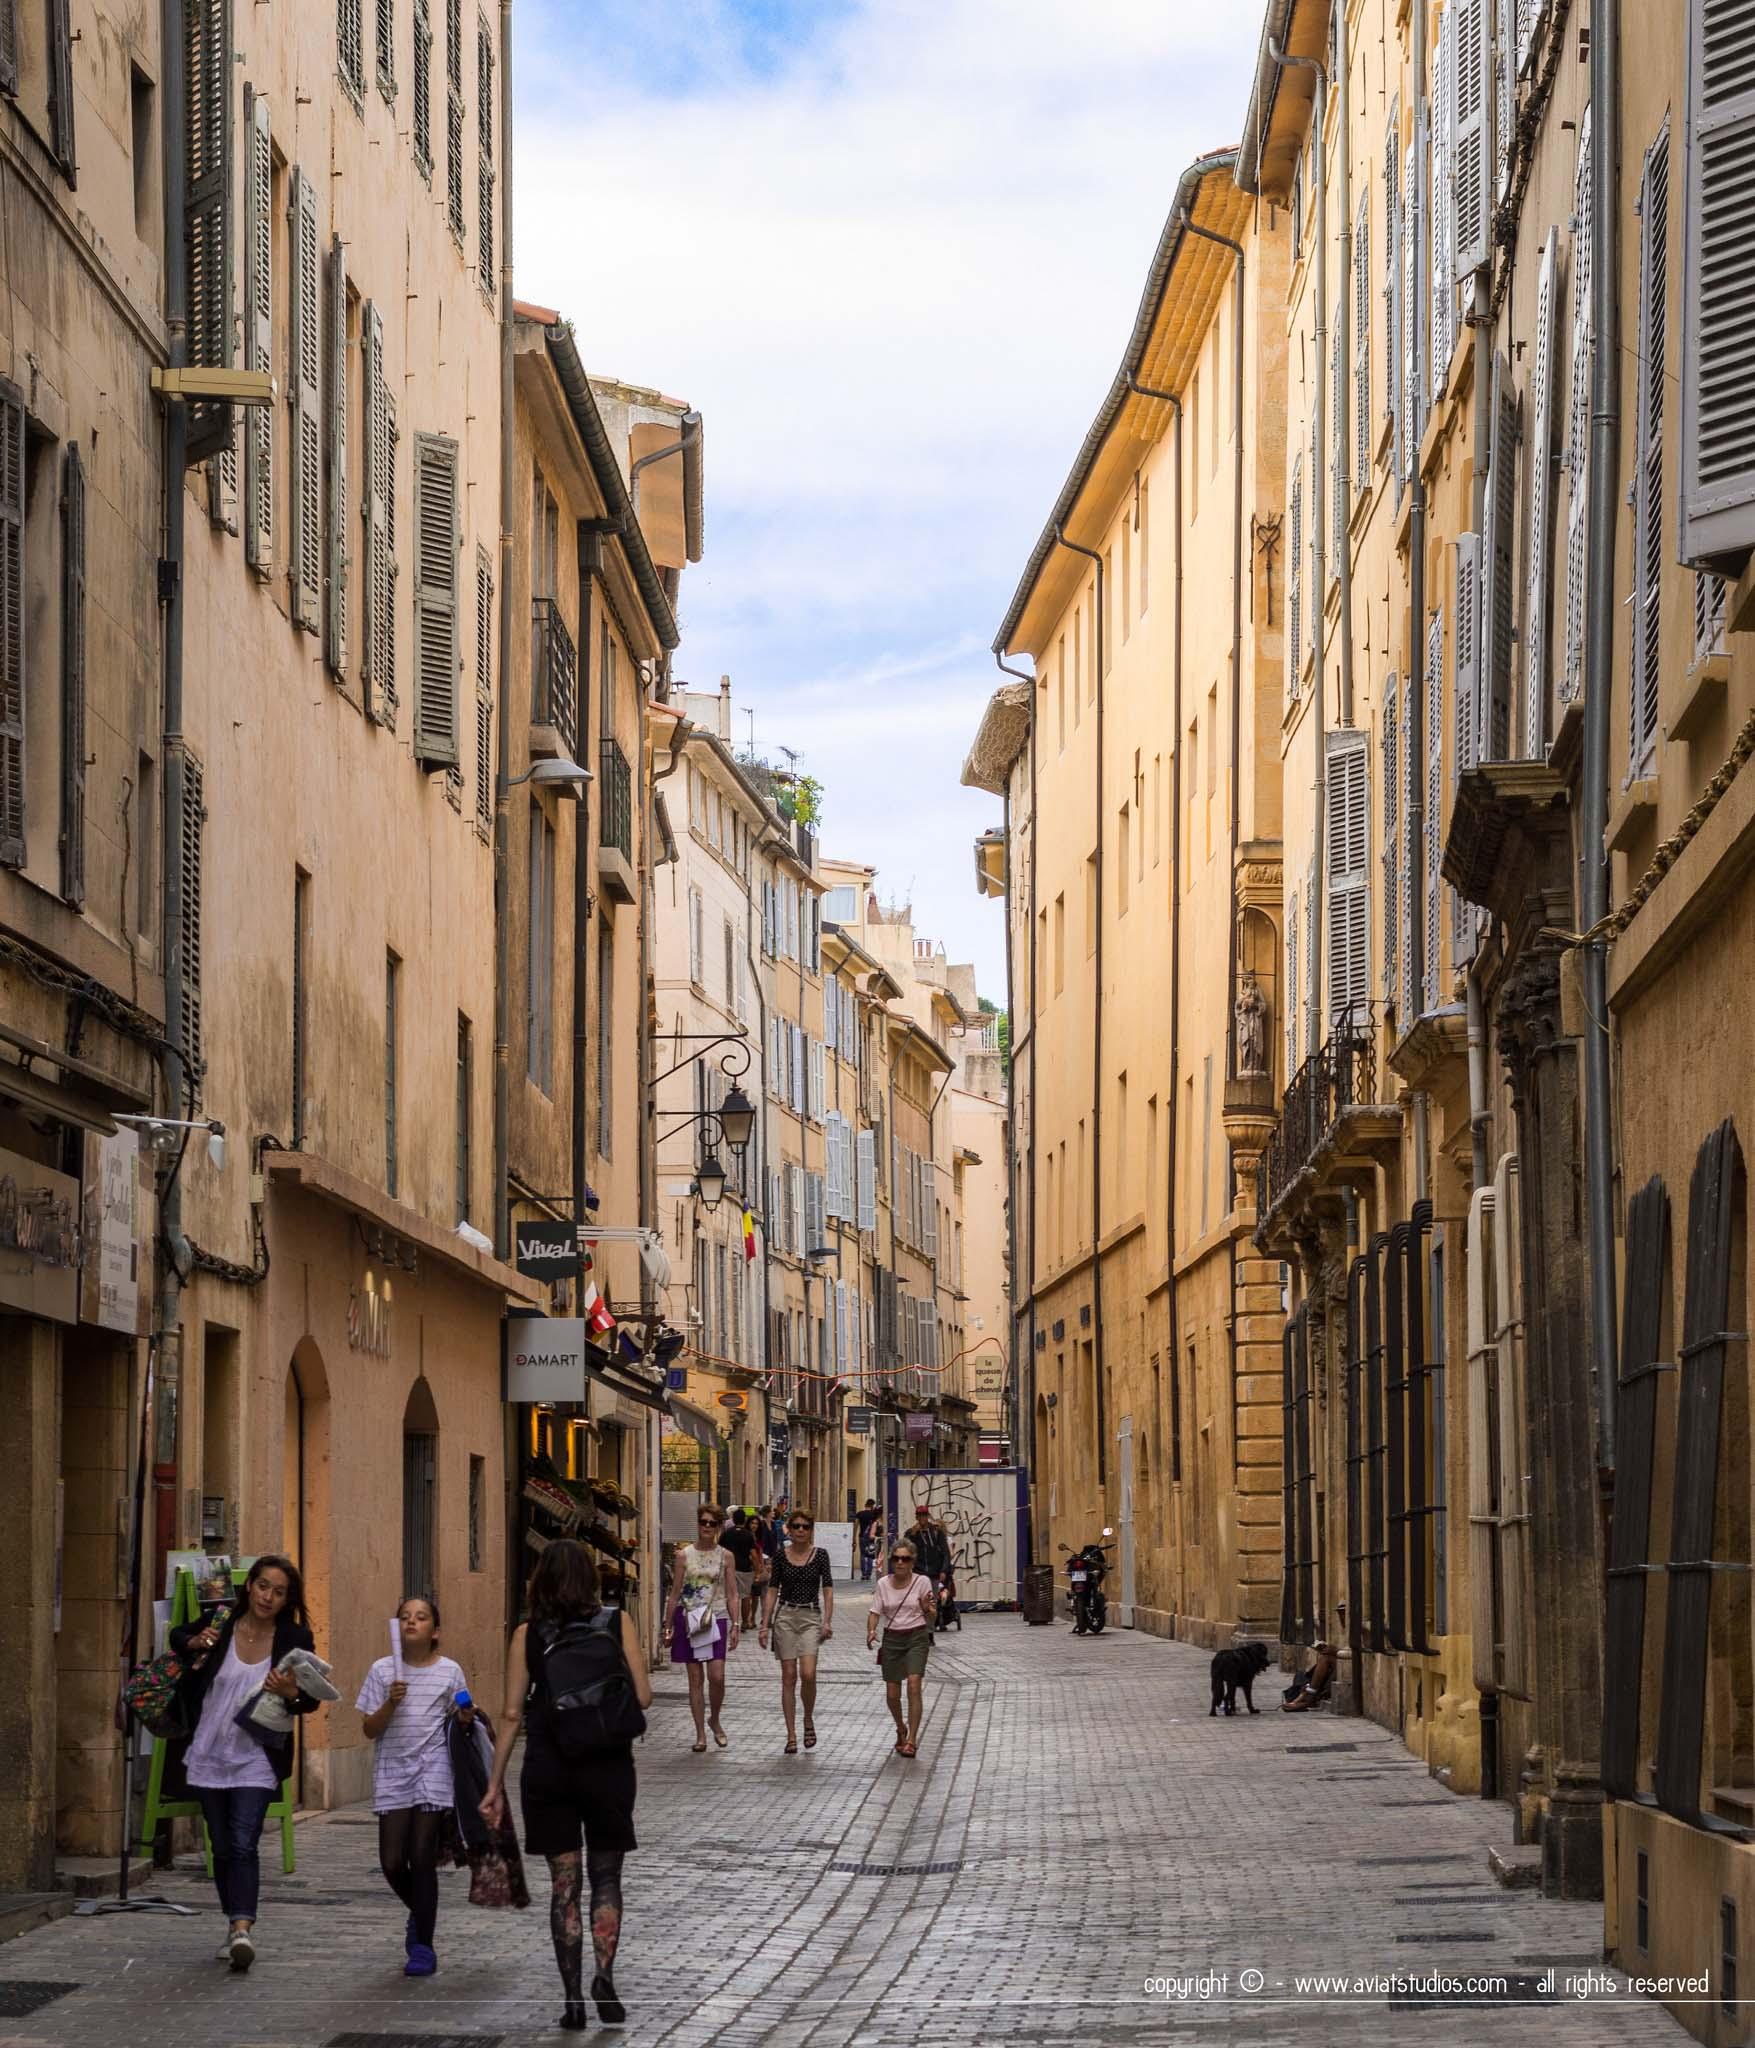 une journée à Aix-en-Provence - Ruelle piétonne aux couleurs lumineuses